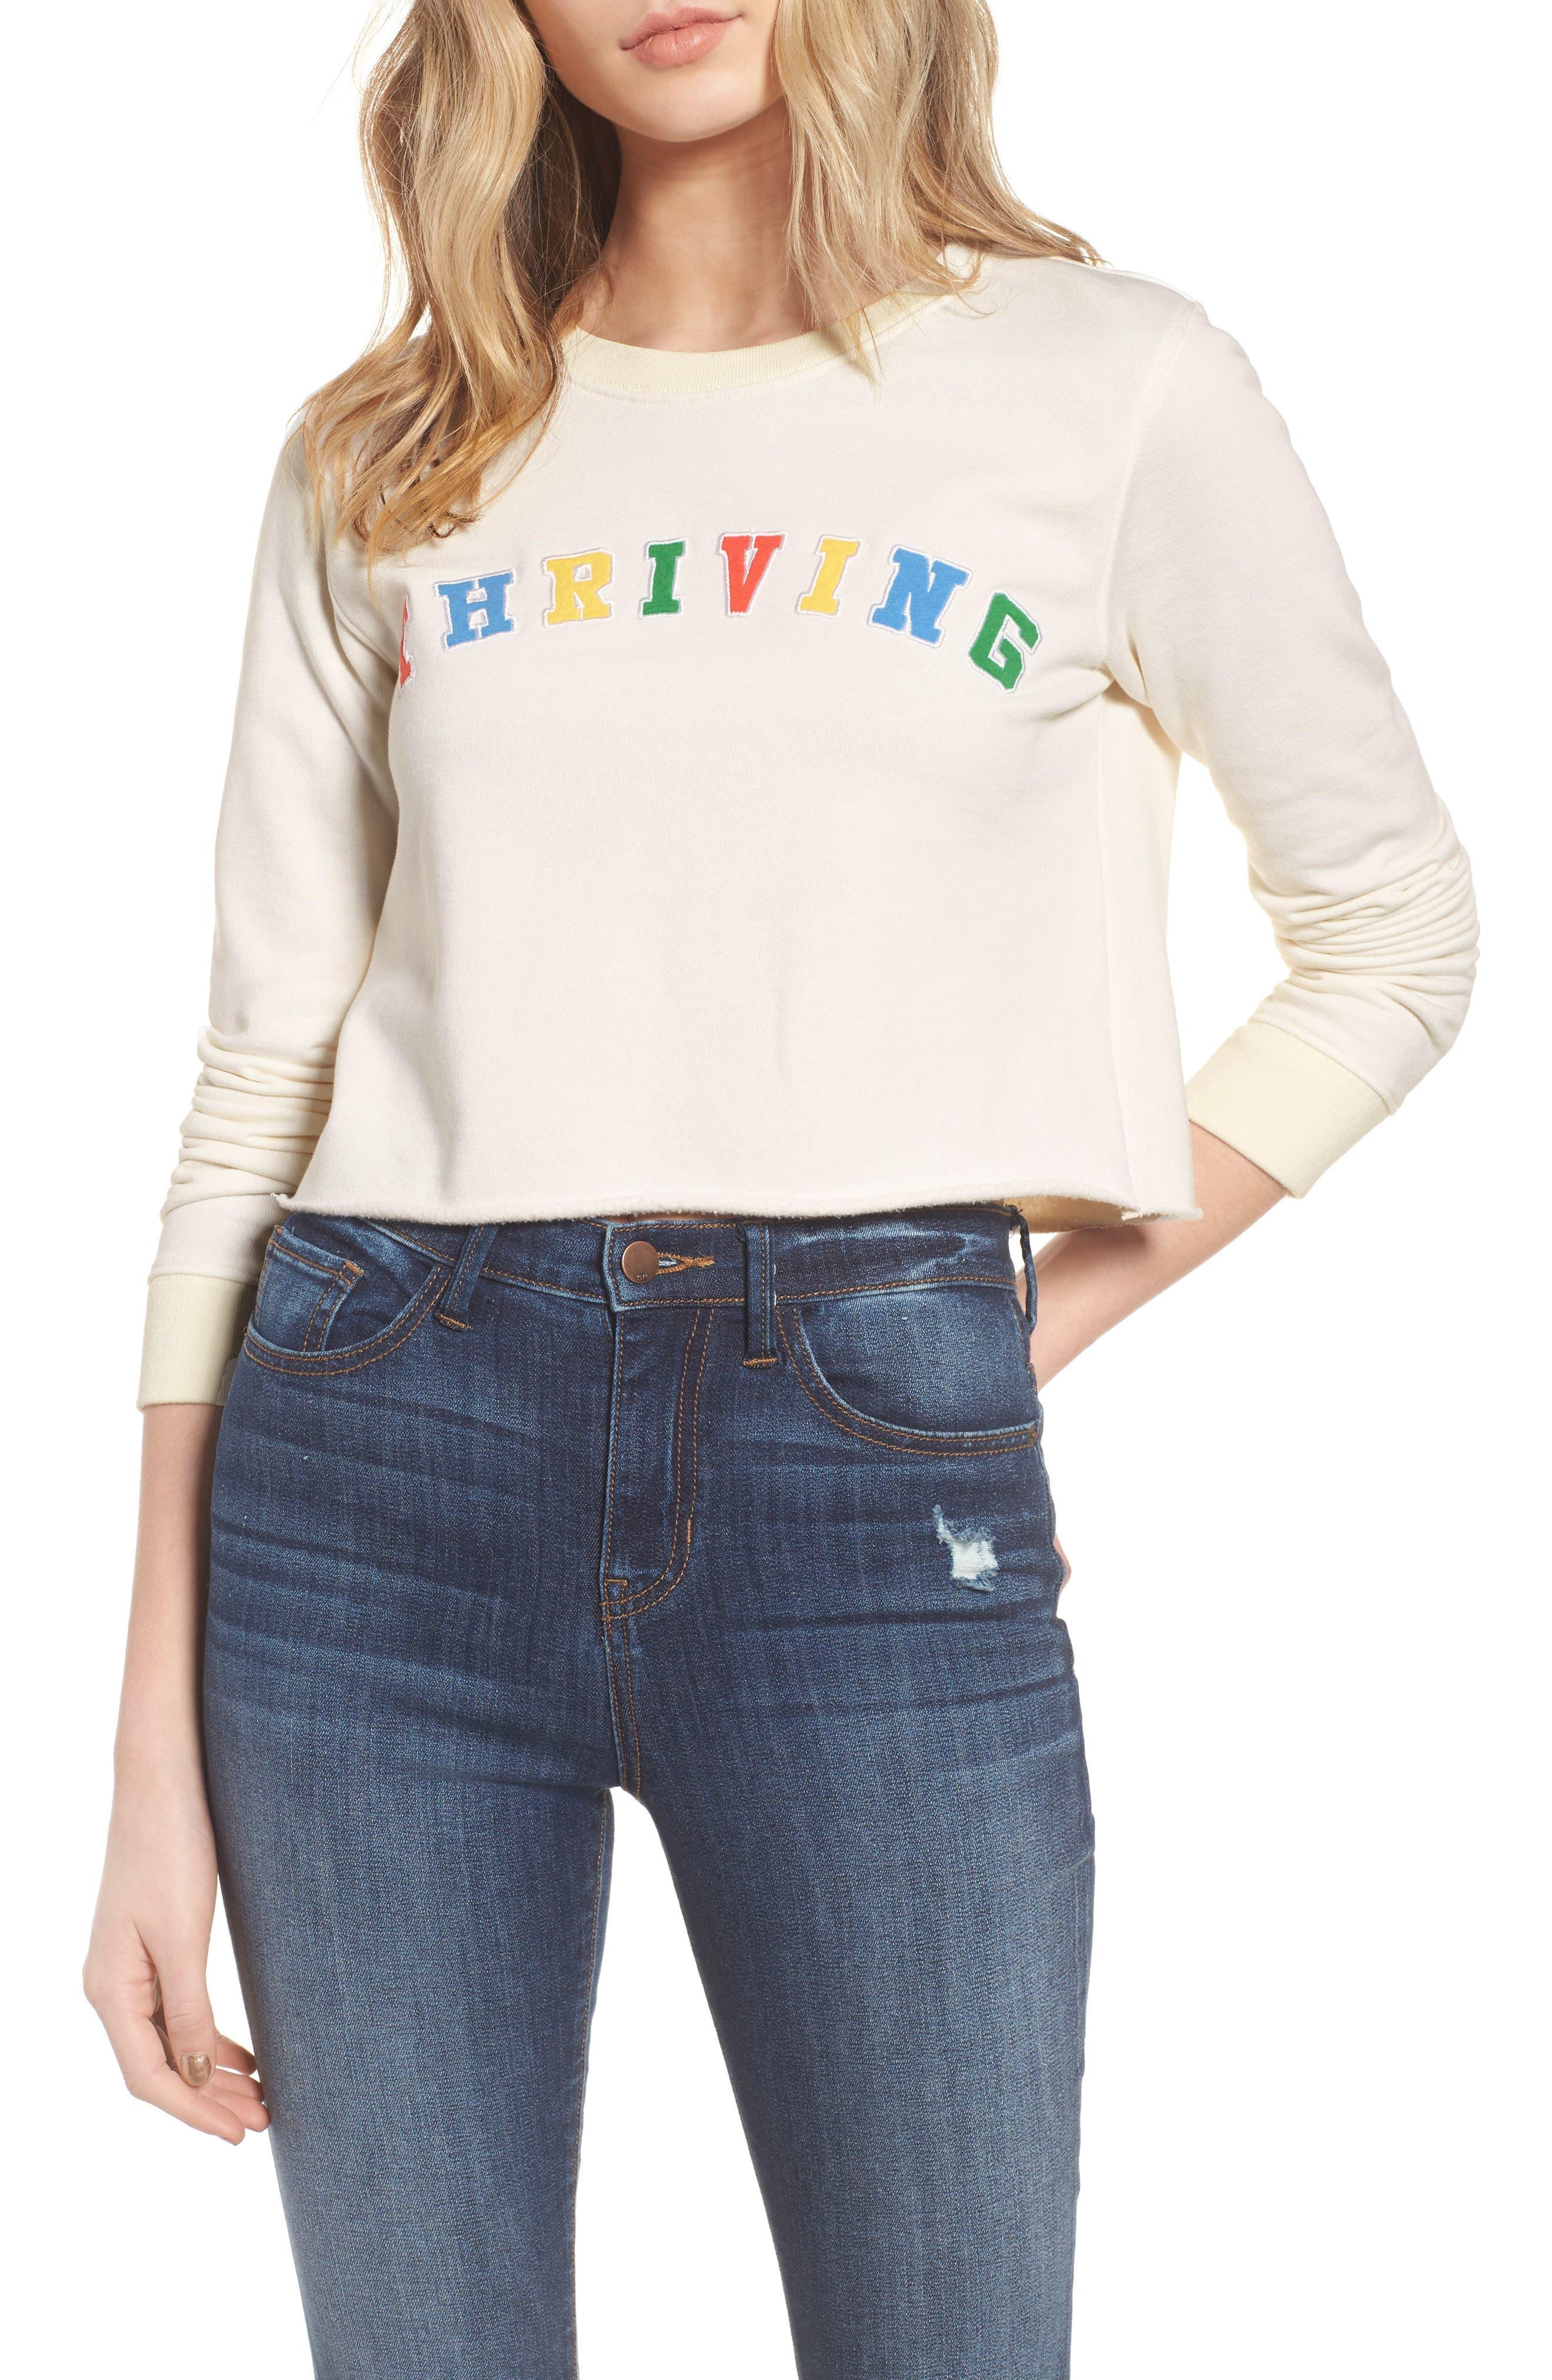 Thriving Crop Sweatshirt,                             Main thumbnail 1, color,                             900